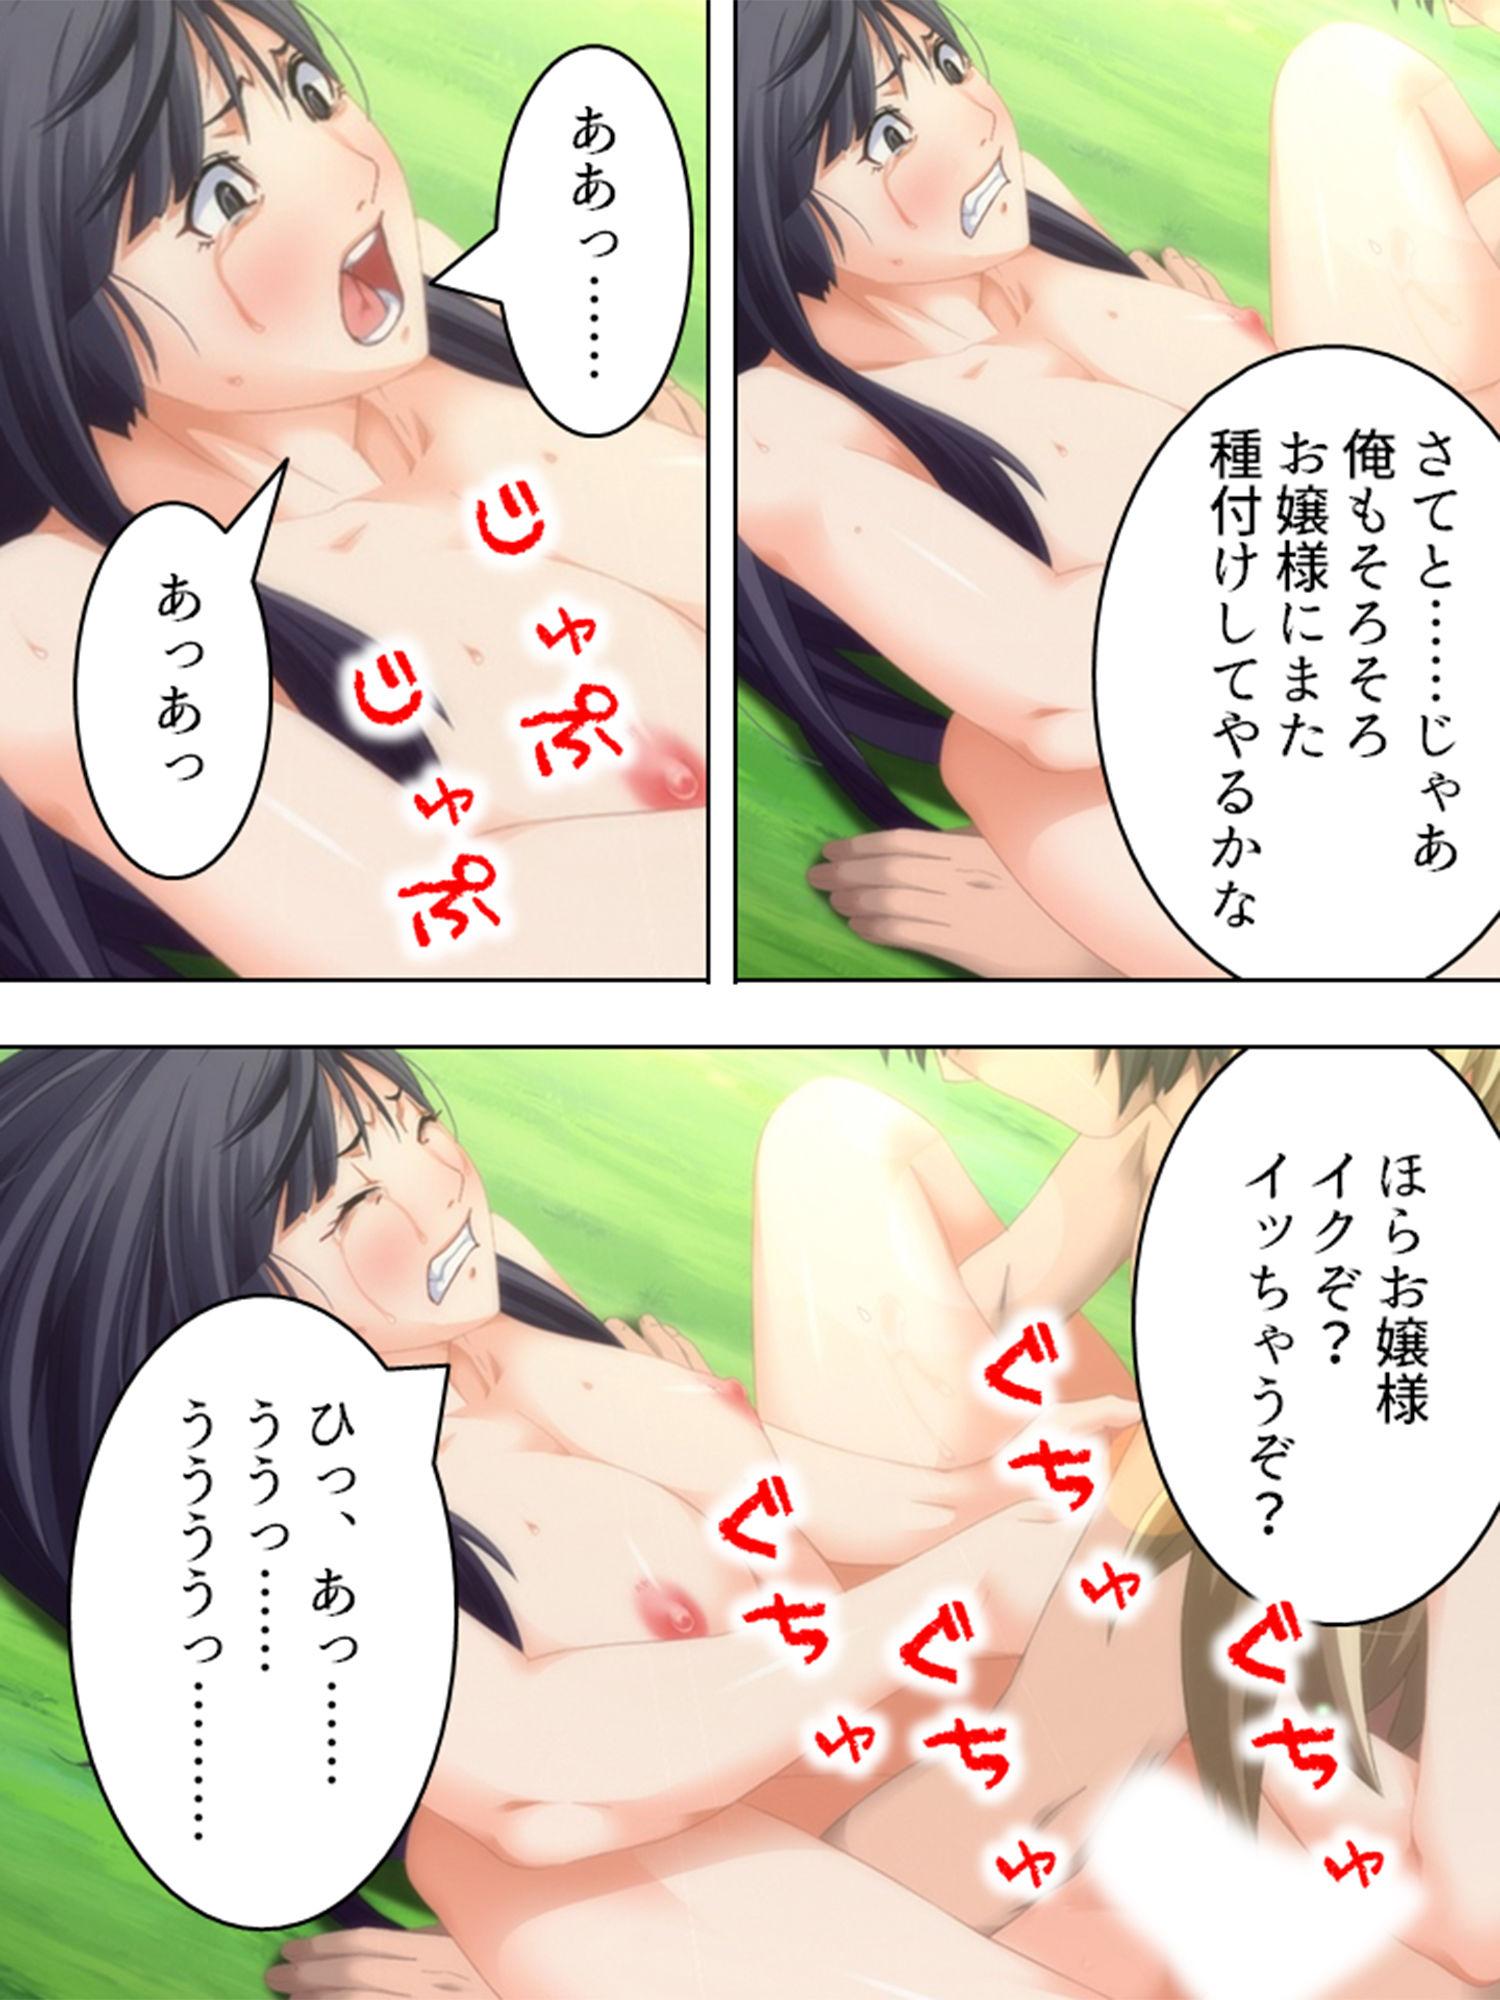 【アロマコミック 同人】レ●プ部恒例行事1:女性徒を脅して延々犯す輪姦学校下巻